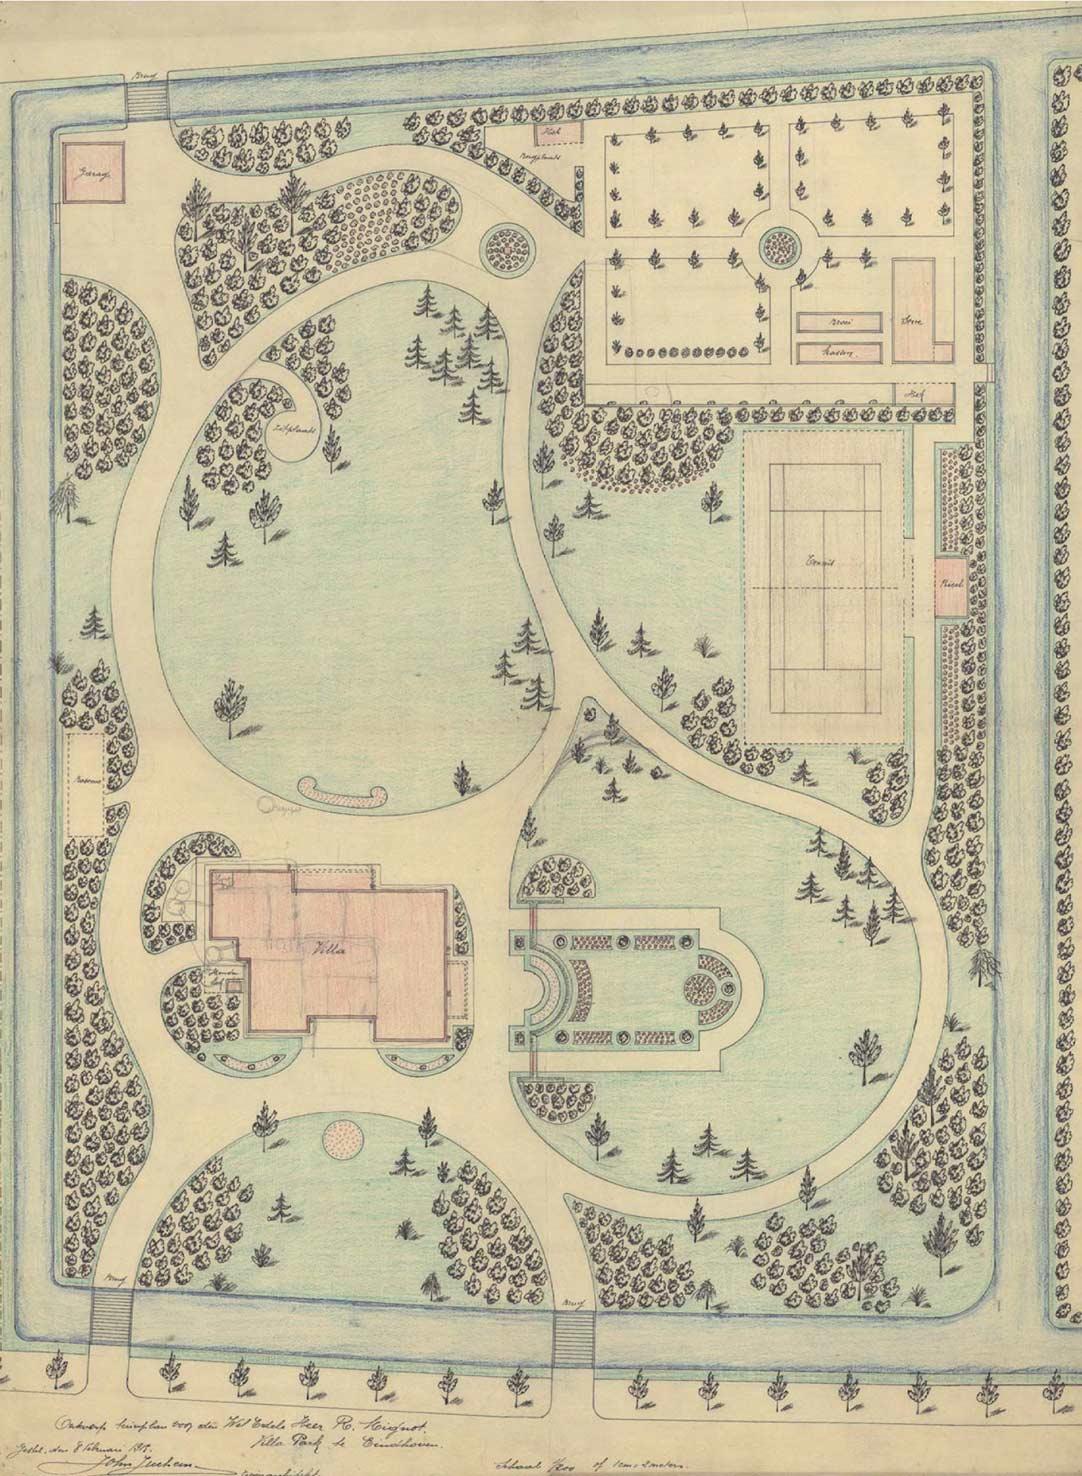 Het tuinontwerp van J. Juchem uit 1915.